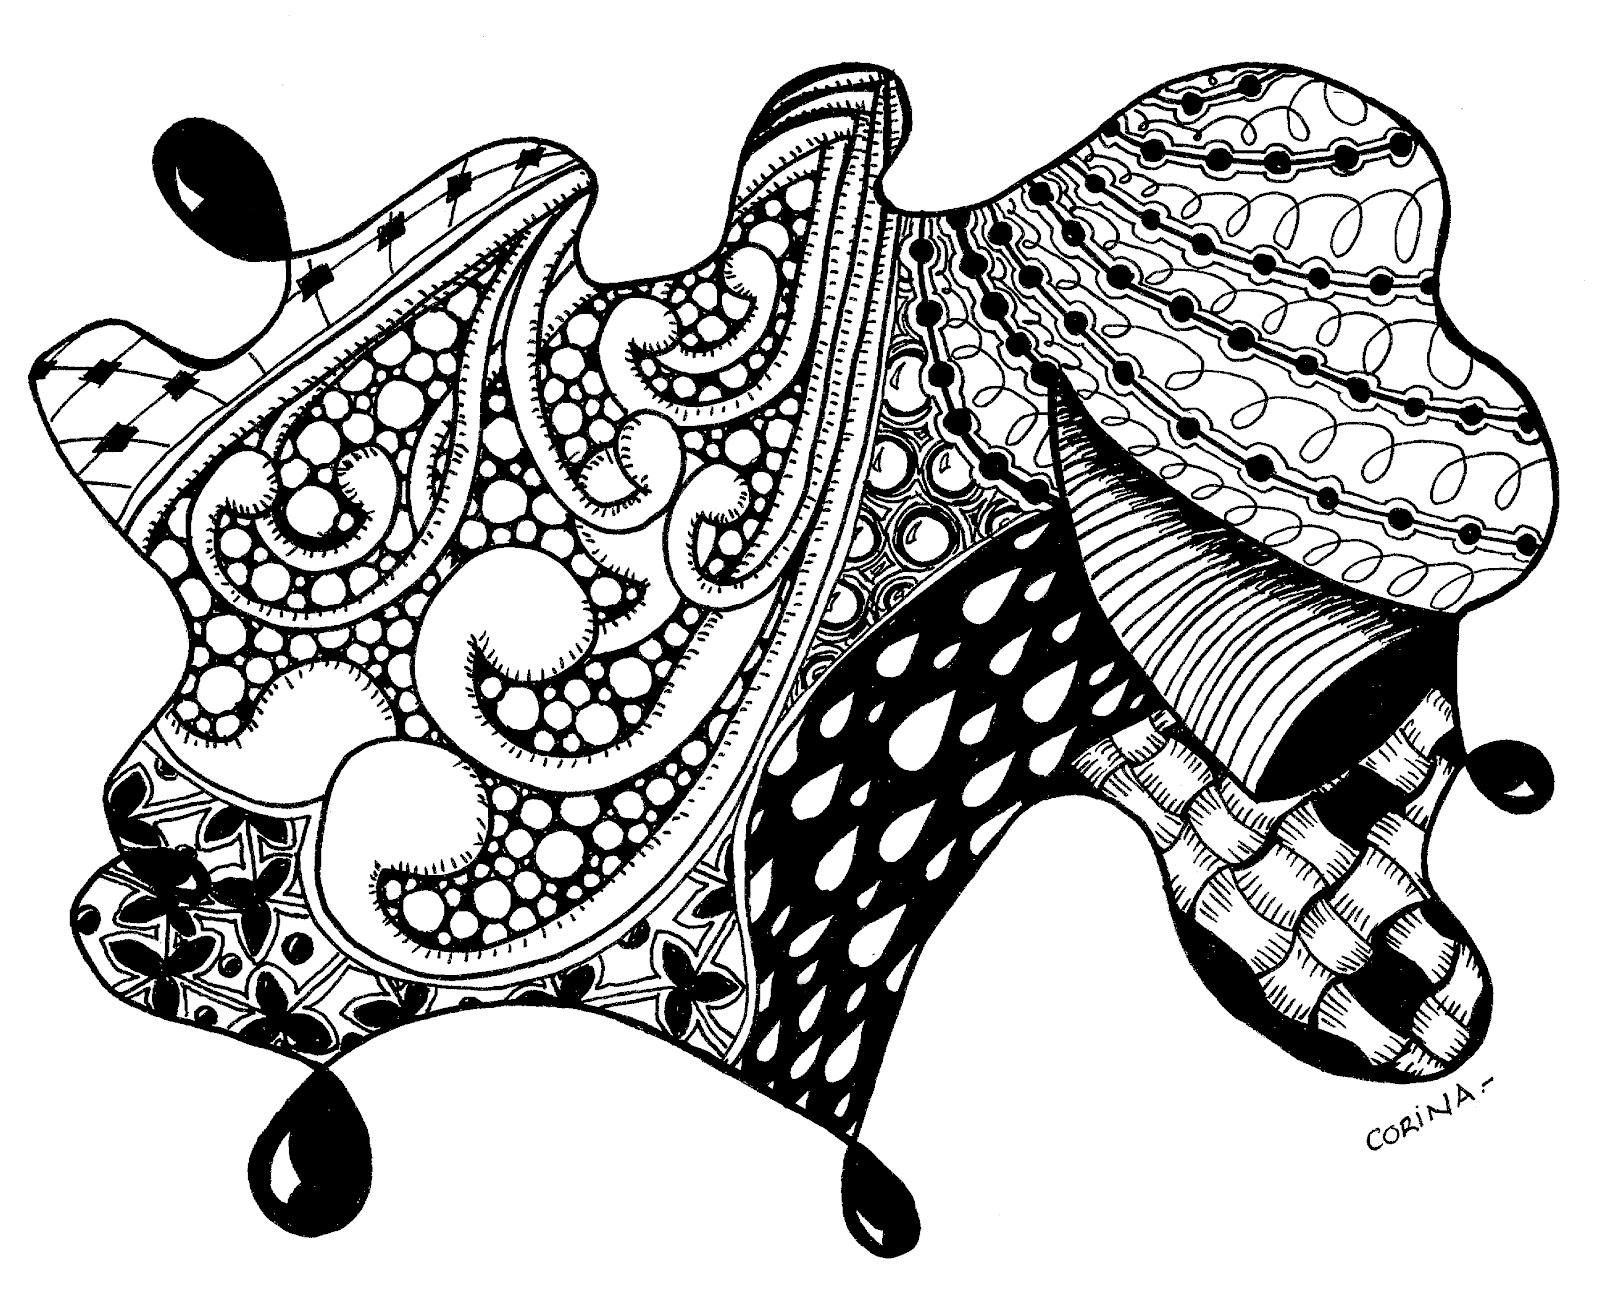 1600x1290 Pin by Drew Littwin on Zen tangle drawings Pinterest Zen tangles